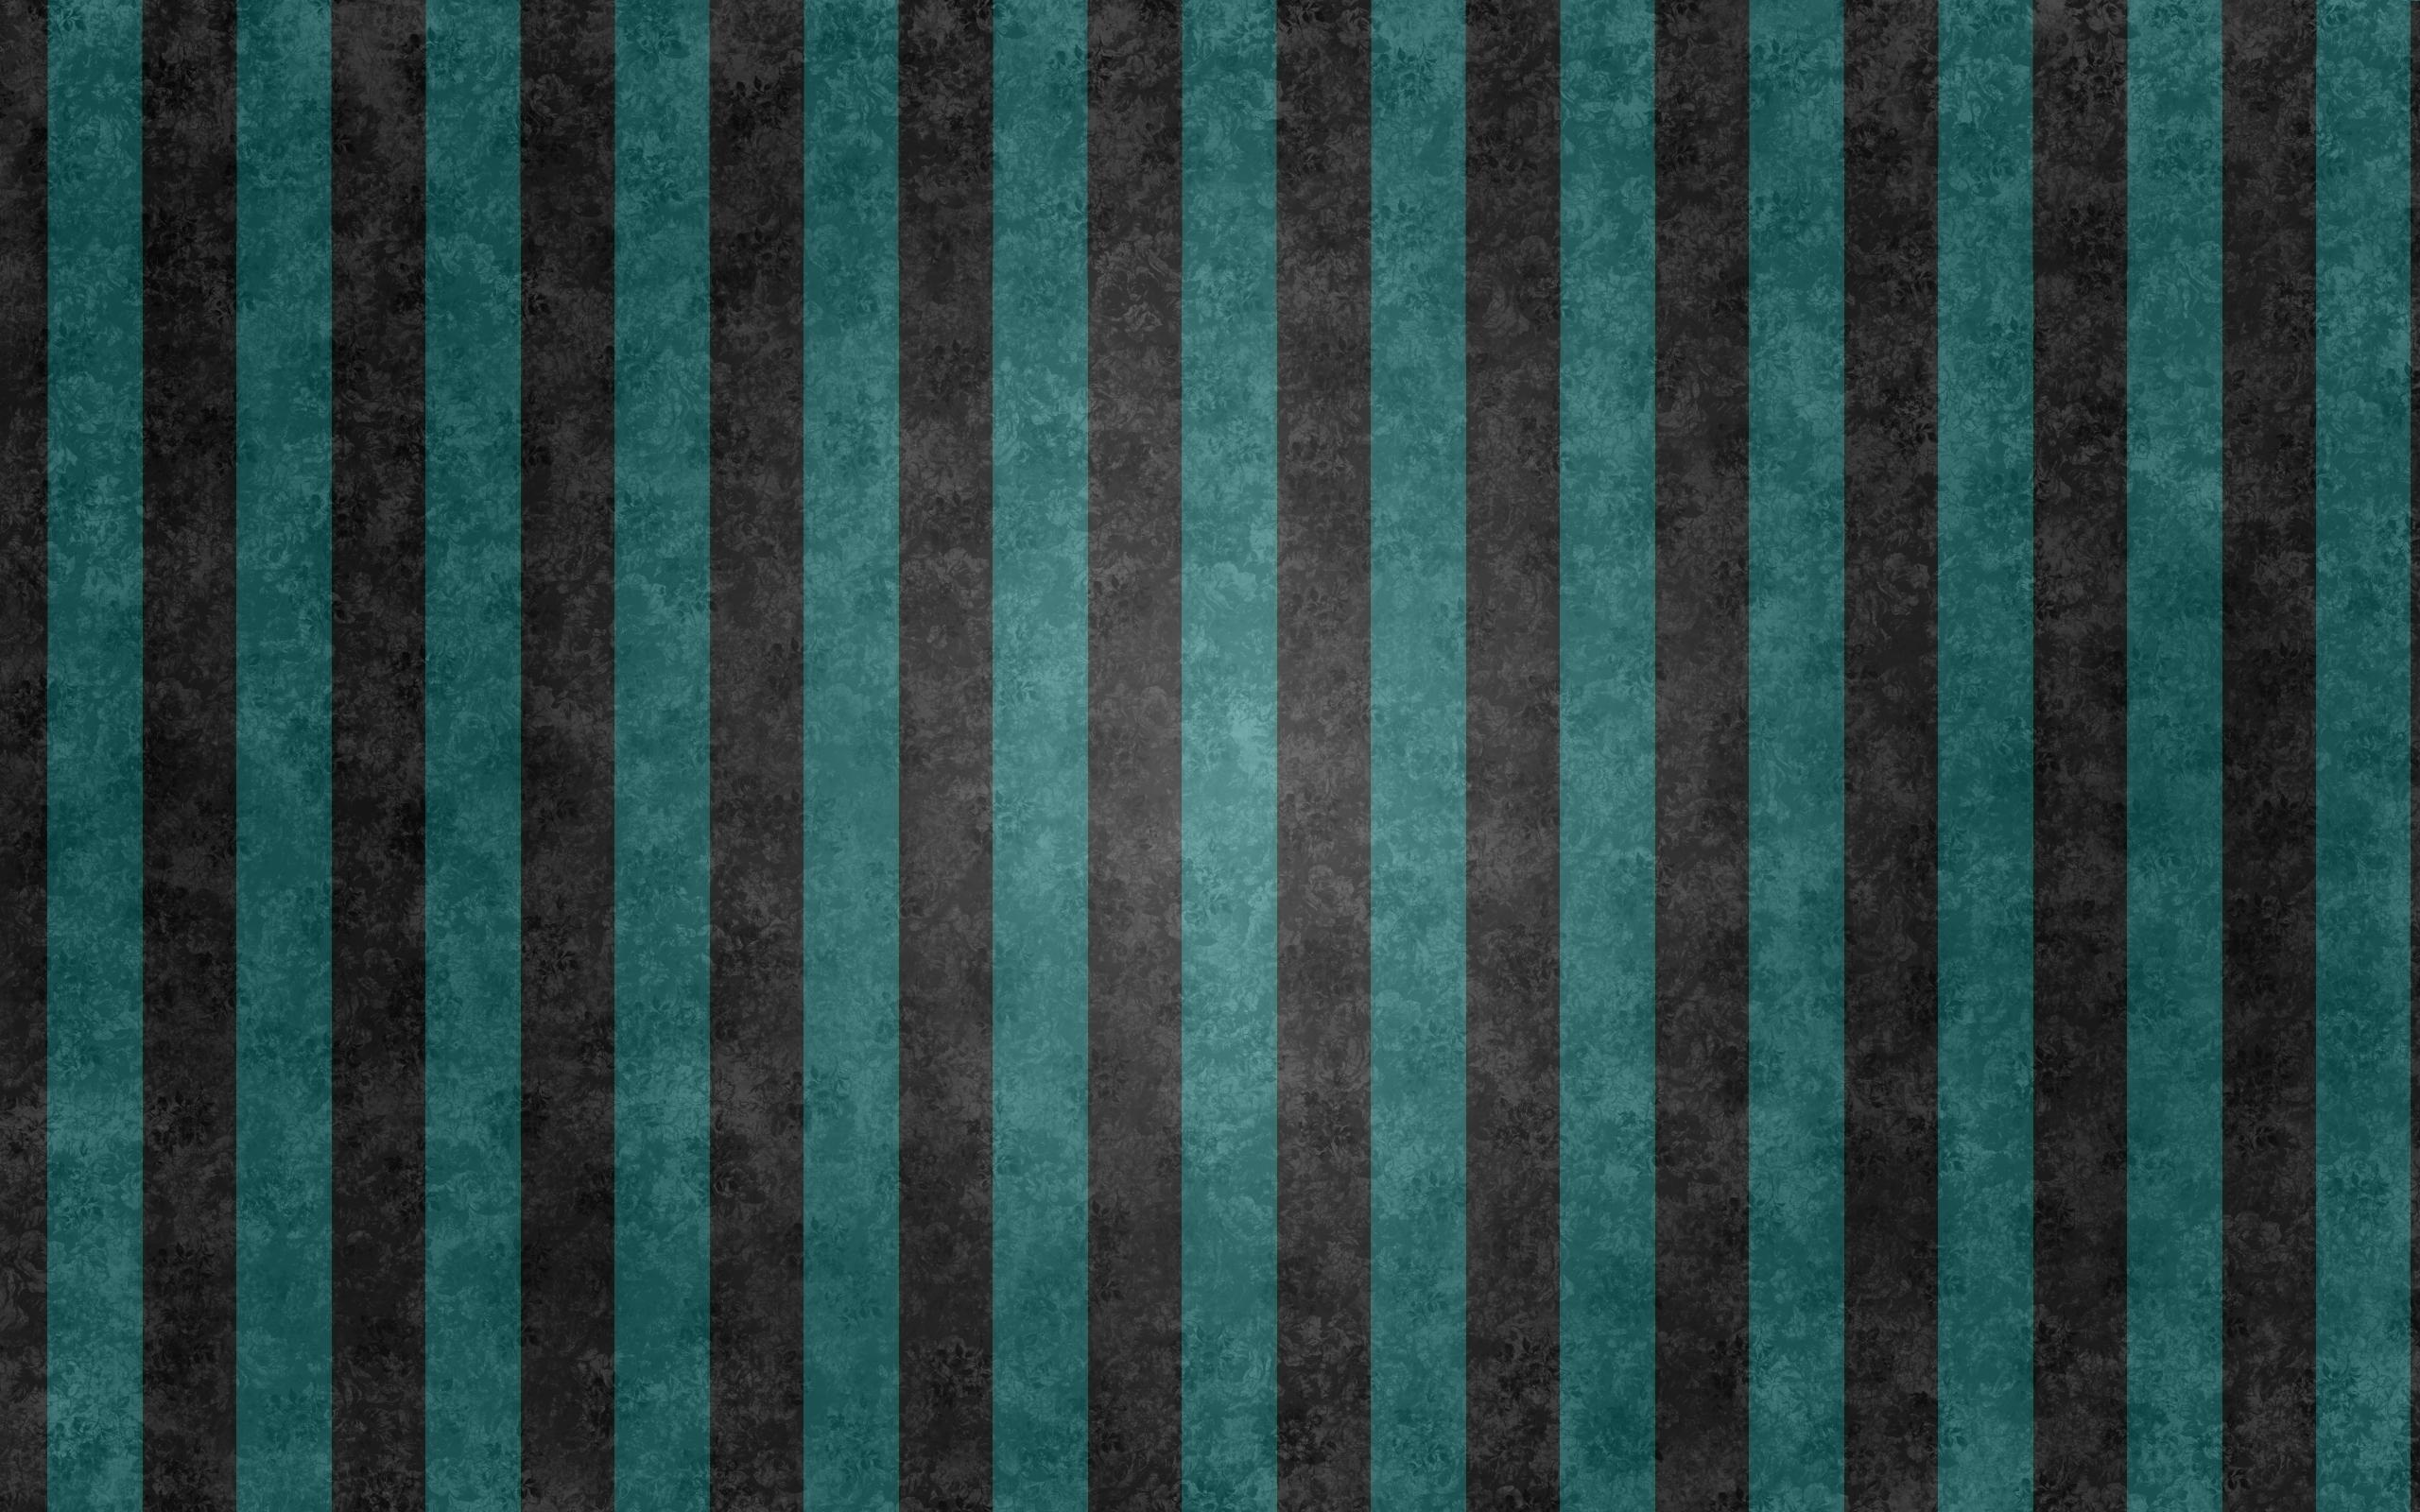 Views: 305 Stripe Wallpaper 13550